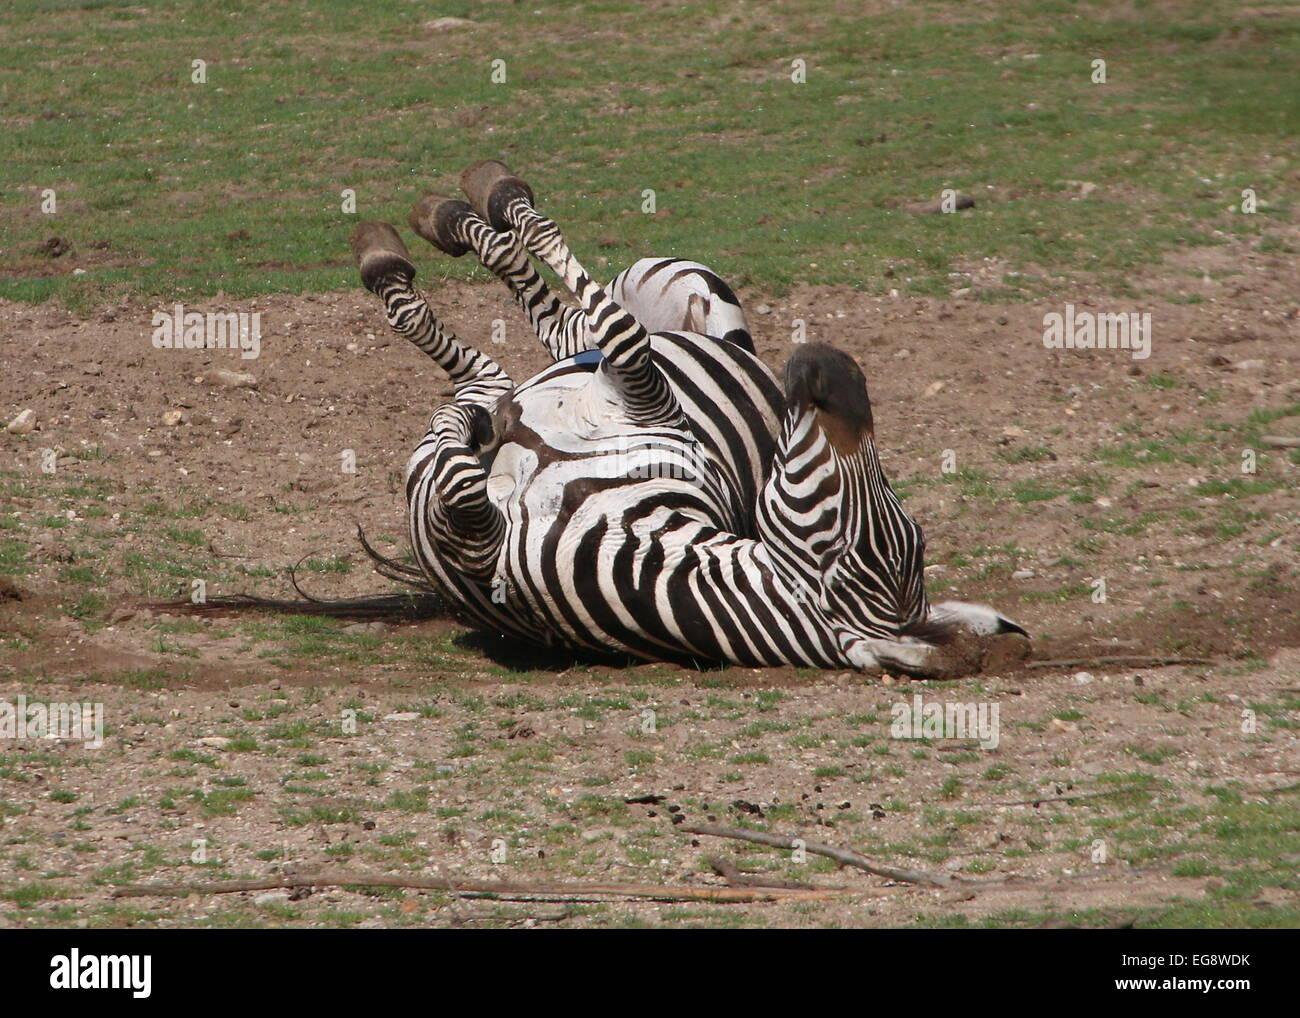 Ältere männliche Grant-Zebra (Equus Quagga Boehmi) auf den Rücken Rollen und Staub baden Stockfoto